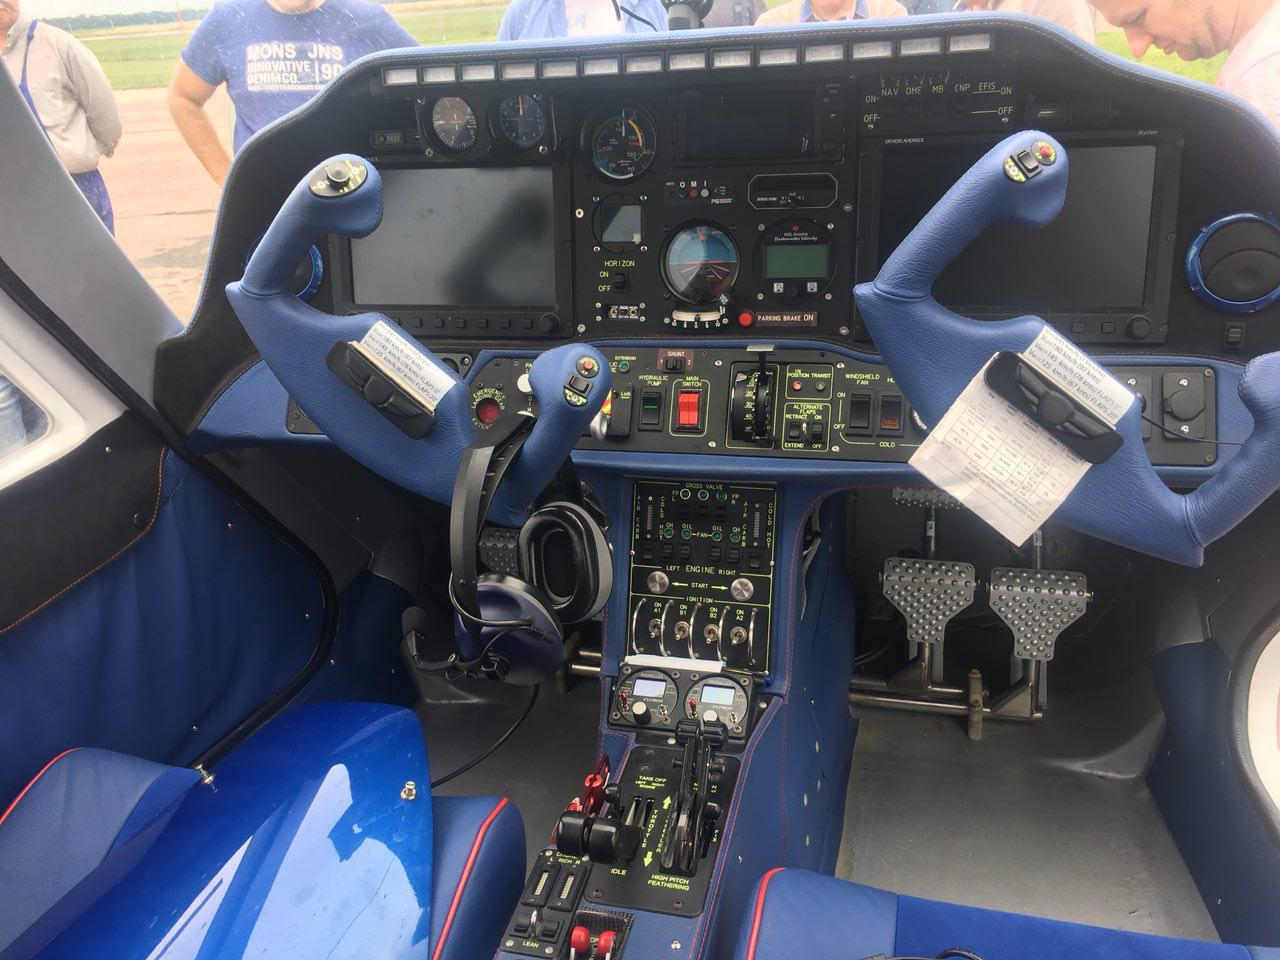 №24968 продаем двухмоторный четырехместный самолет V-24-I